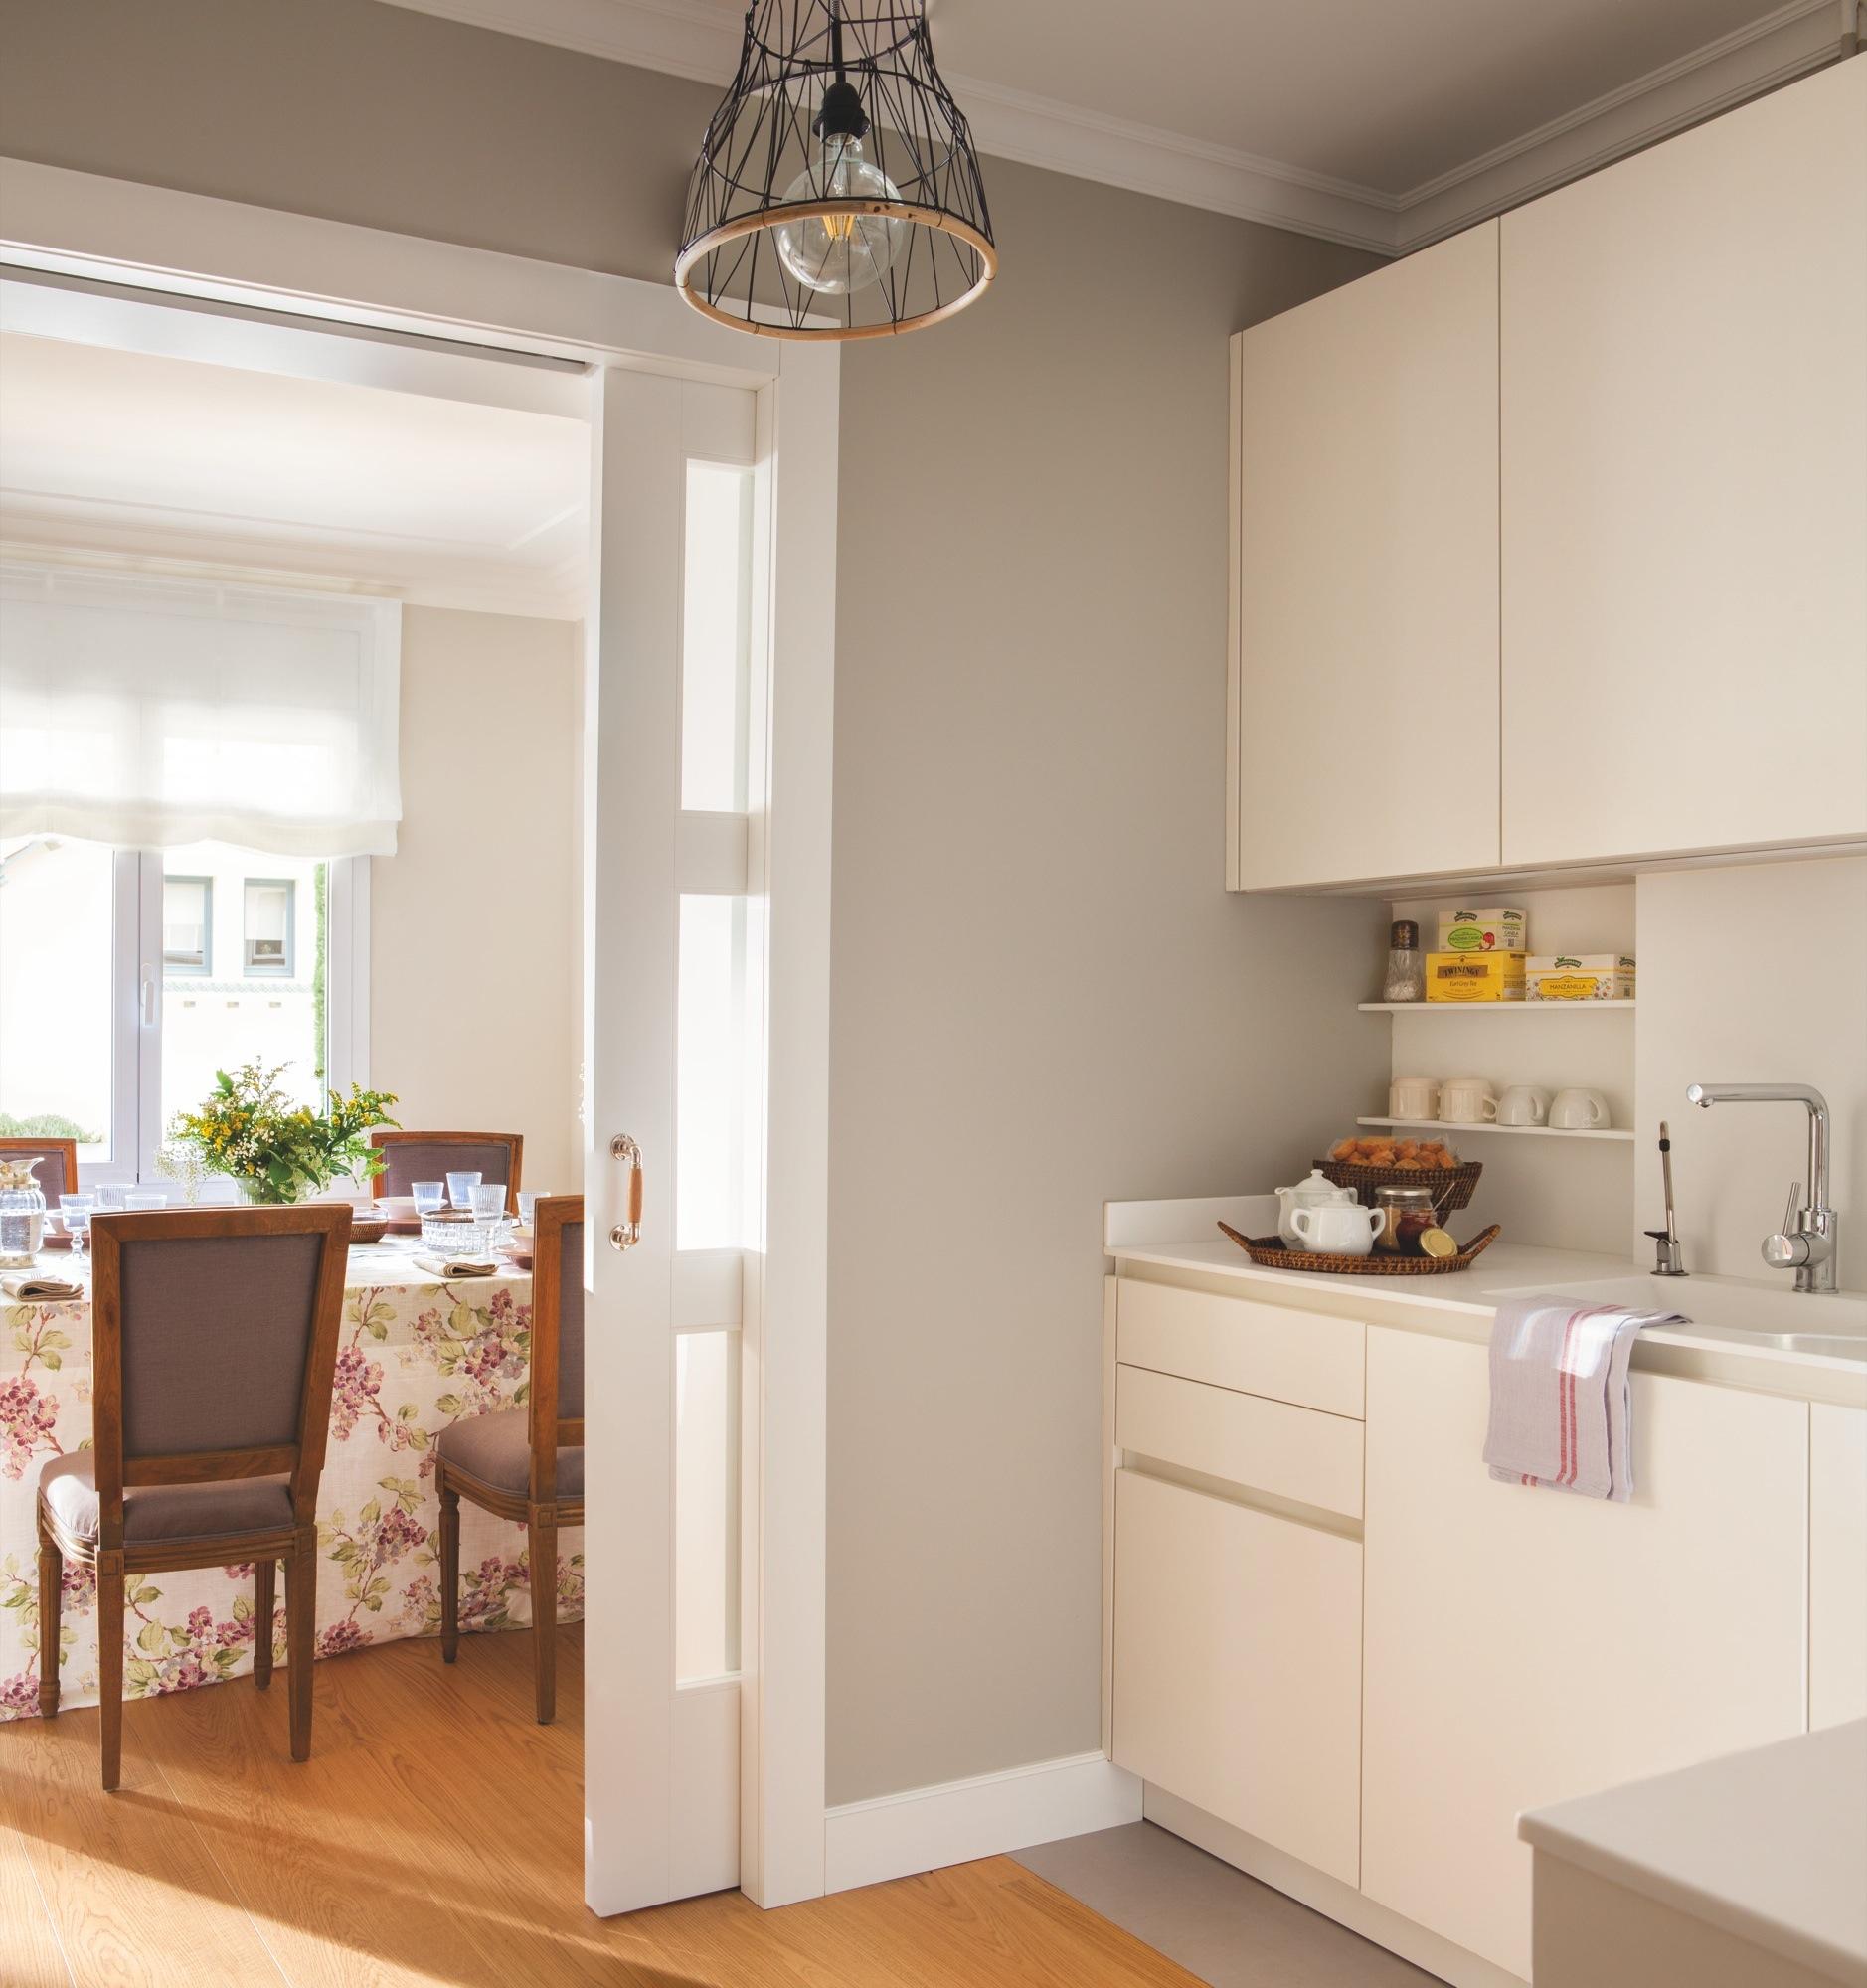 Una casa para nueva etapa sin hijos - Decoracion muebles blancos ...